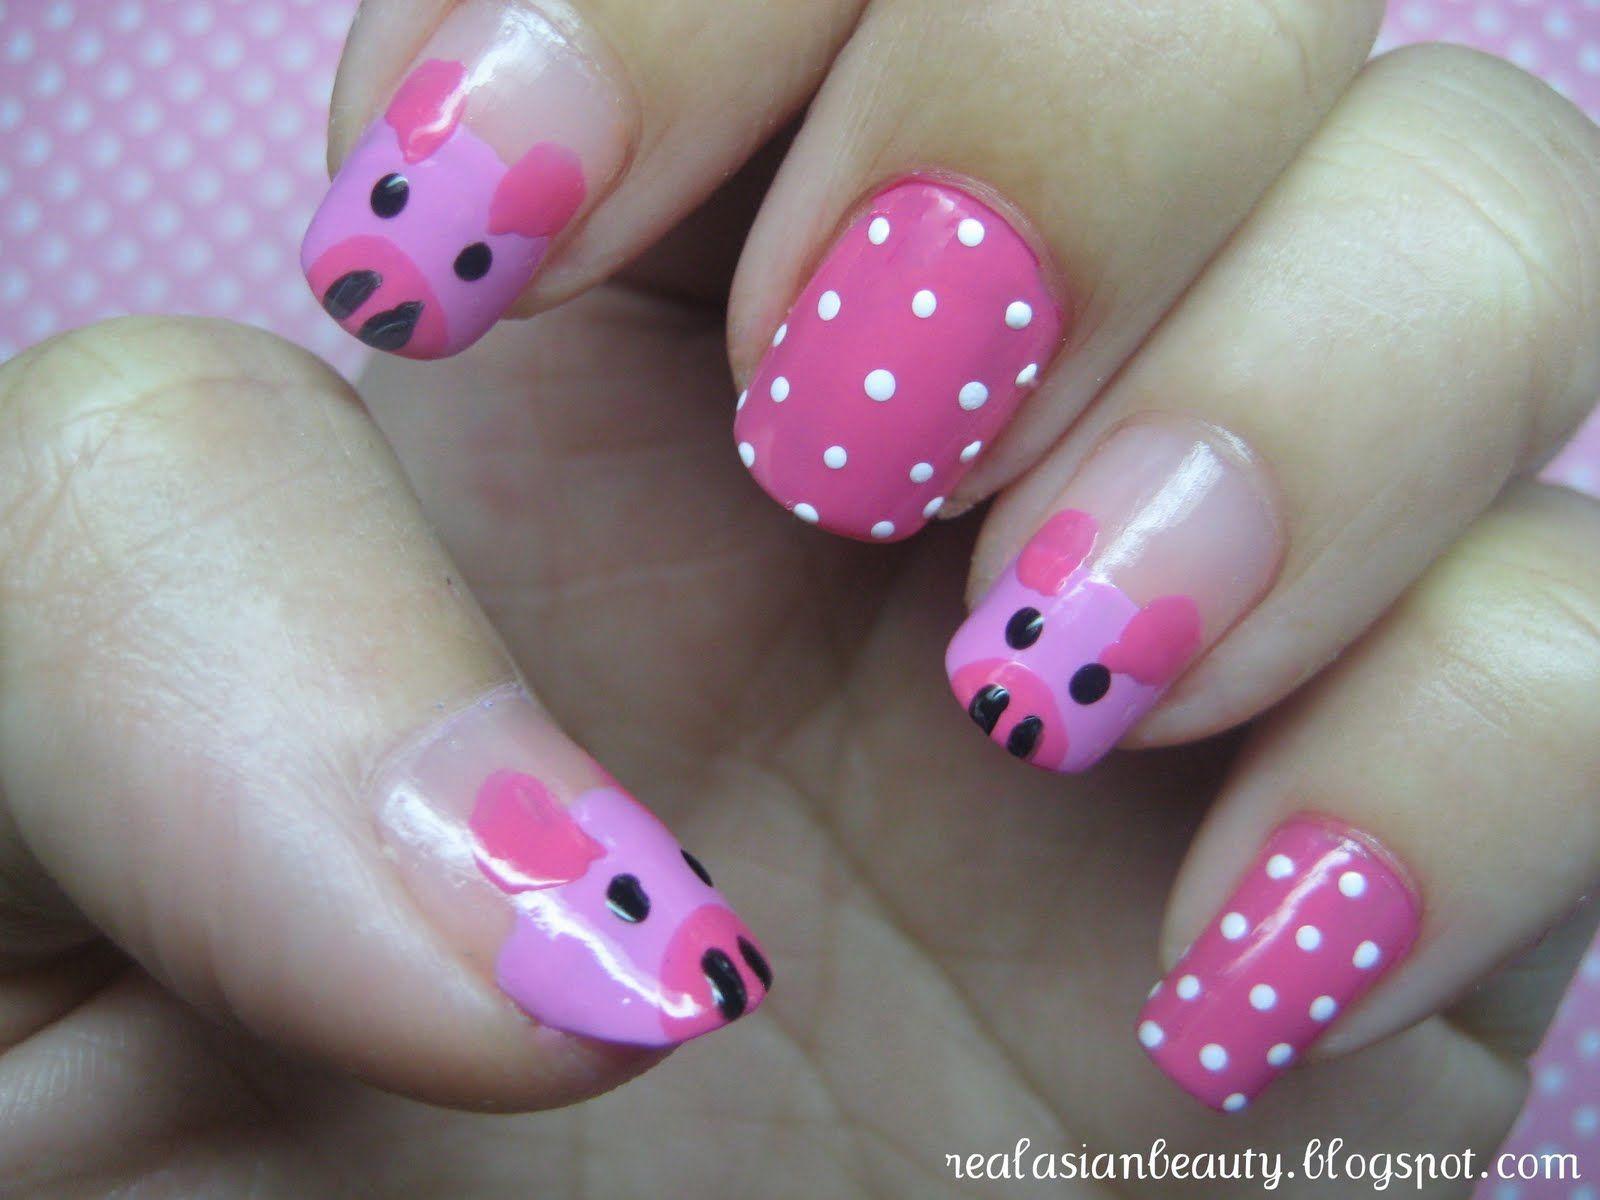 piggies! @Francine Saucedo Sandoval - Polished Images | Pinterest ...